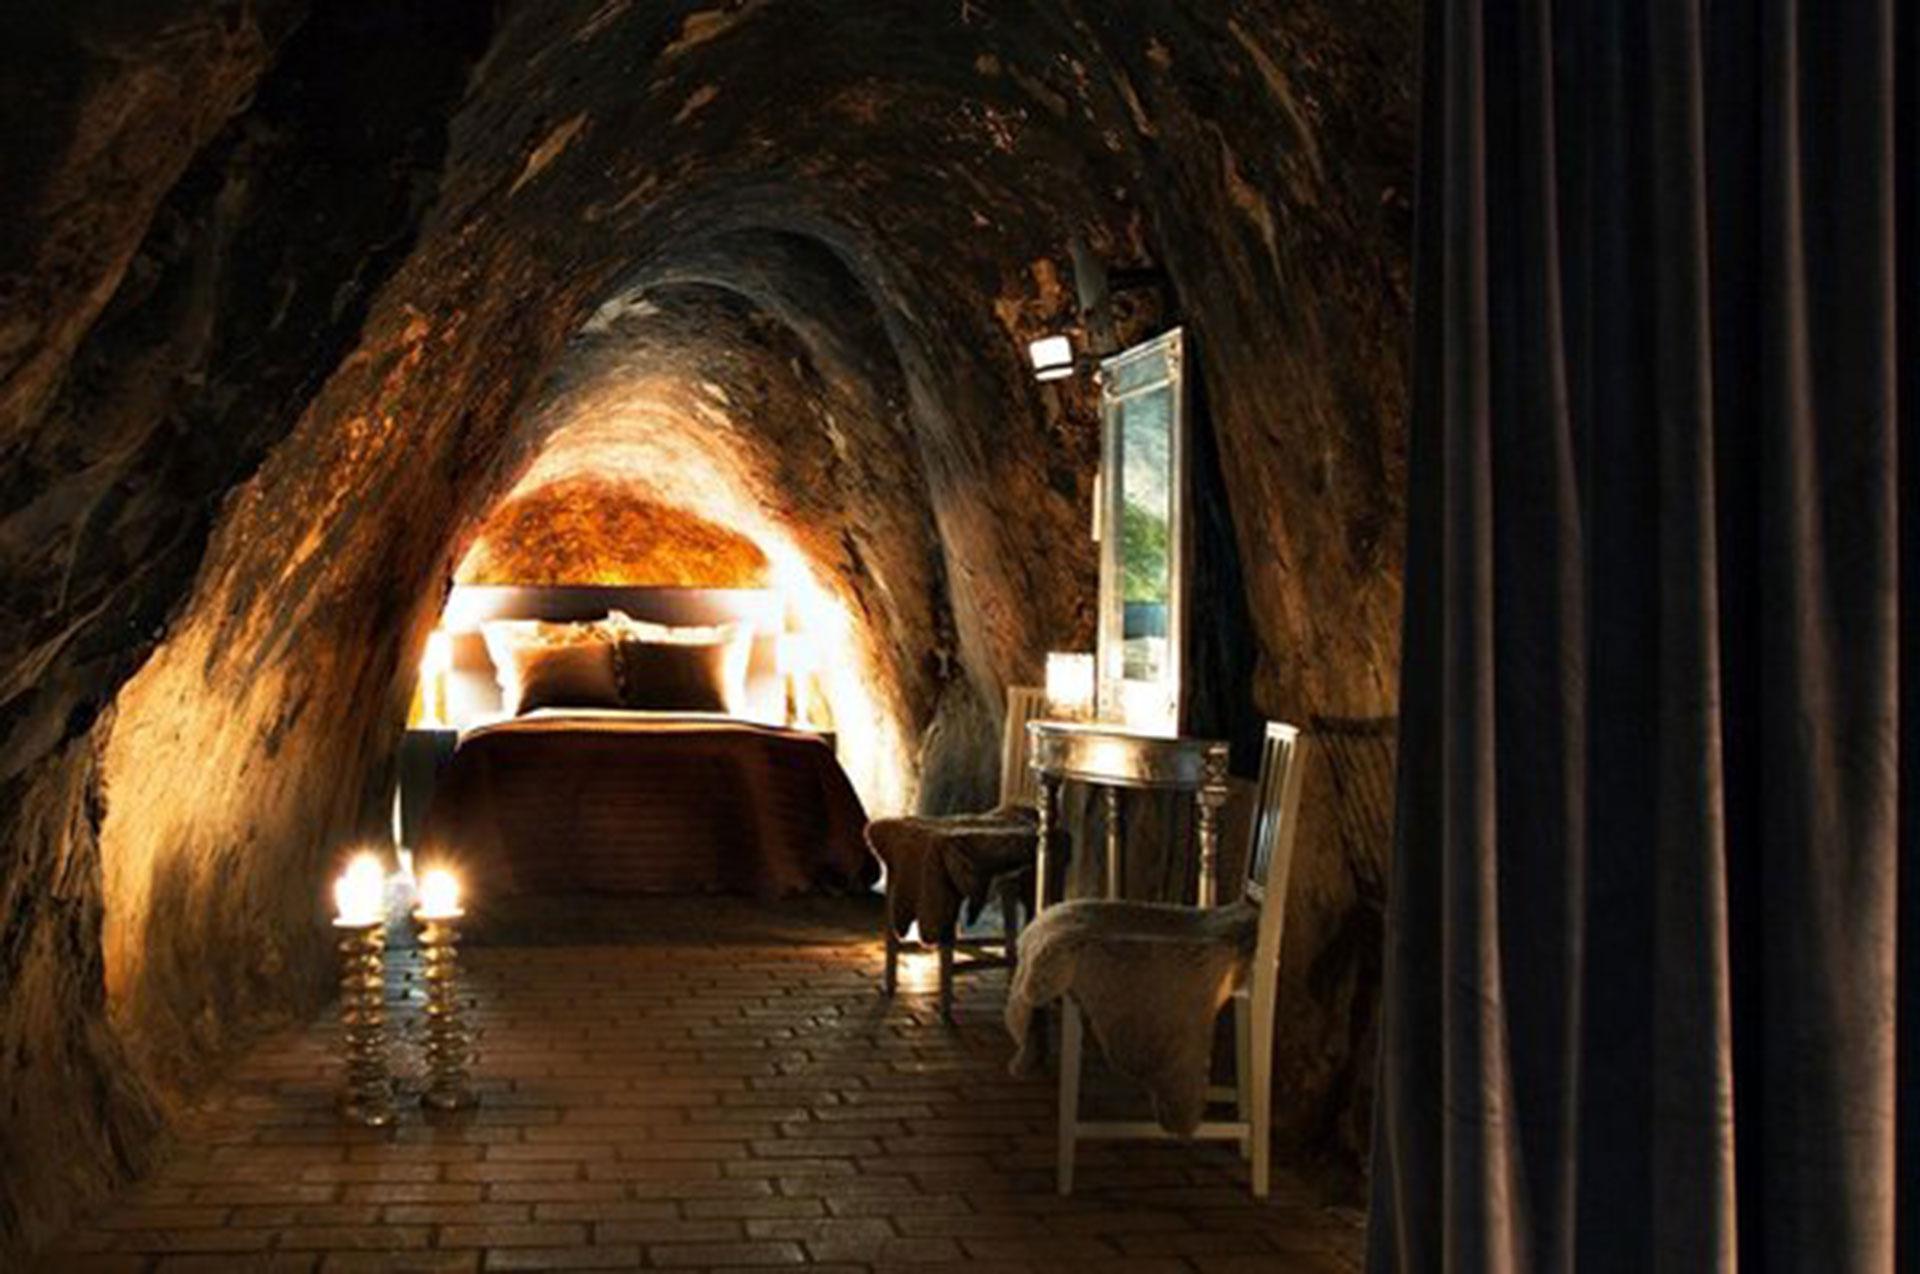 Sala Silvermine (Västmanland, Suecia). Construido en una vieja mina abandonada, los huéspedes puede dormir en habitaciones construidas a 150 metros de profundidad